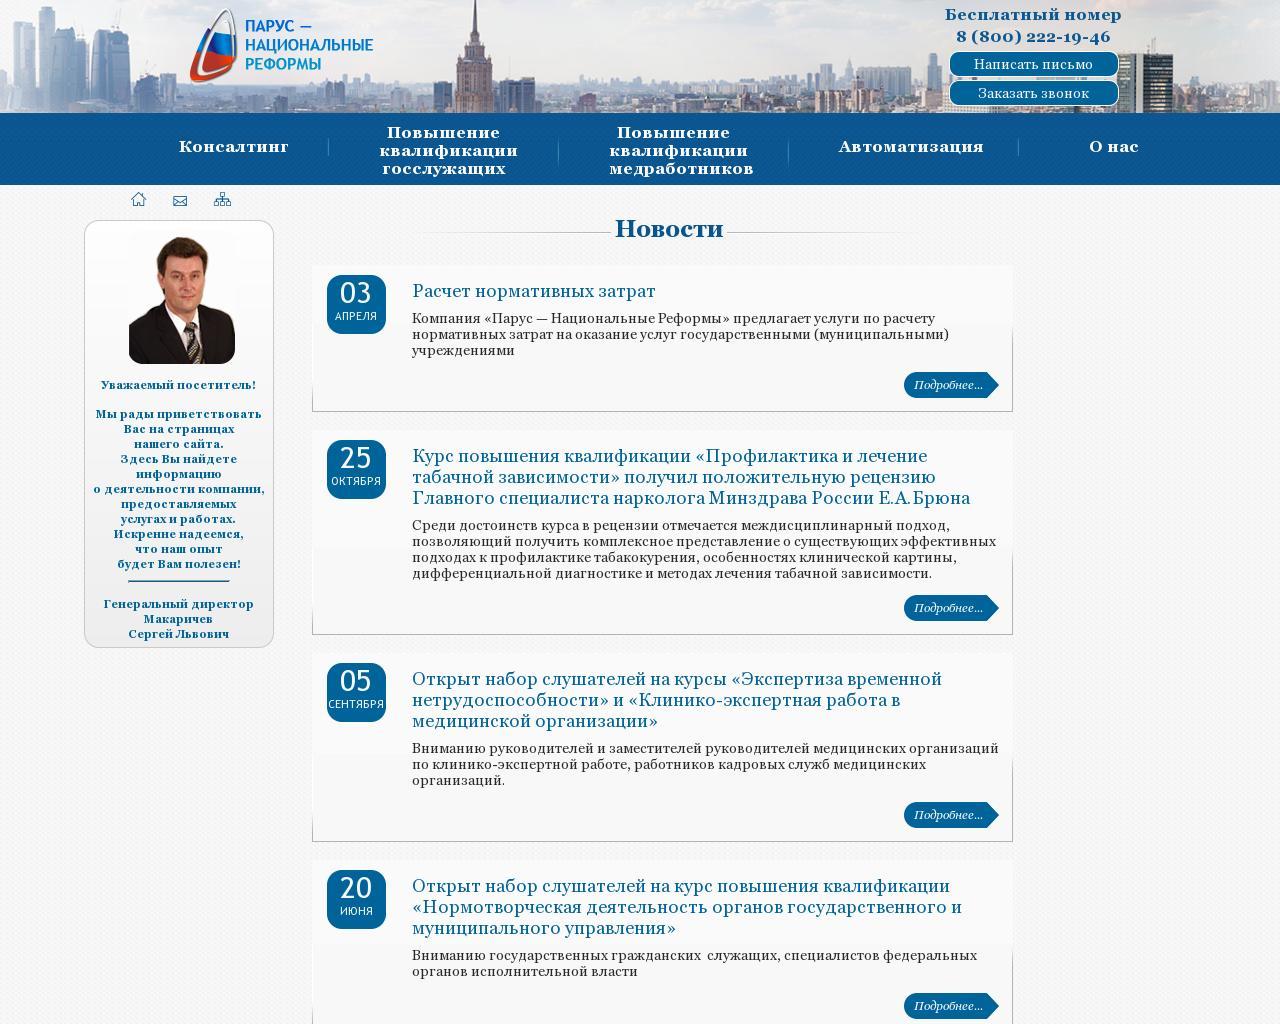 Парус-Национальные реформы